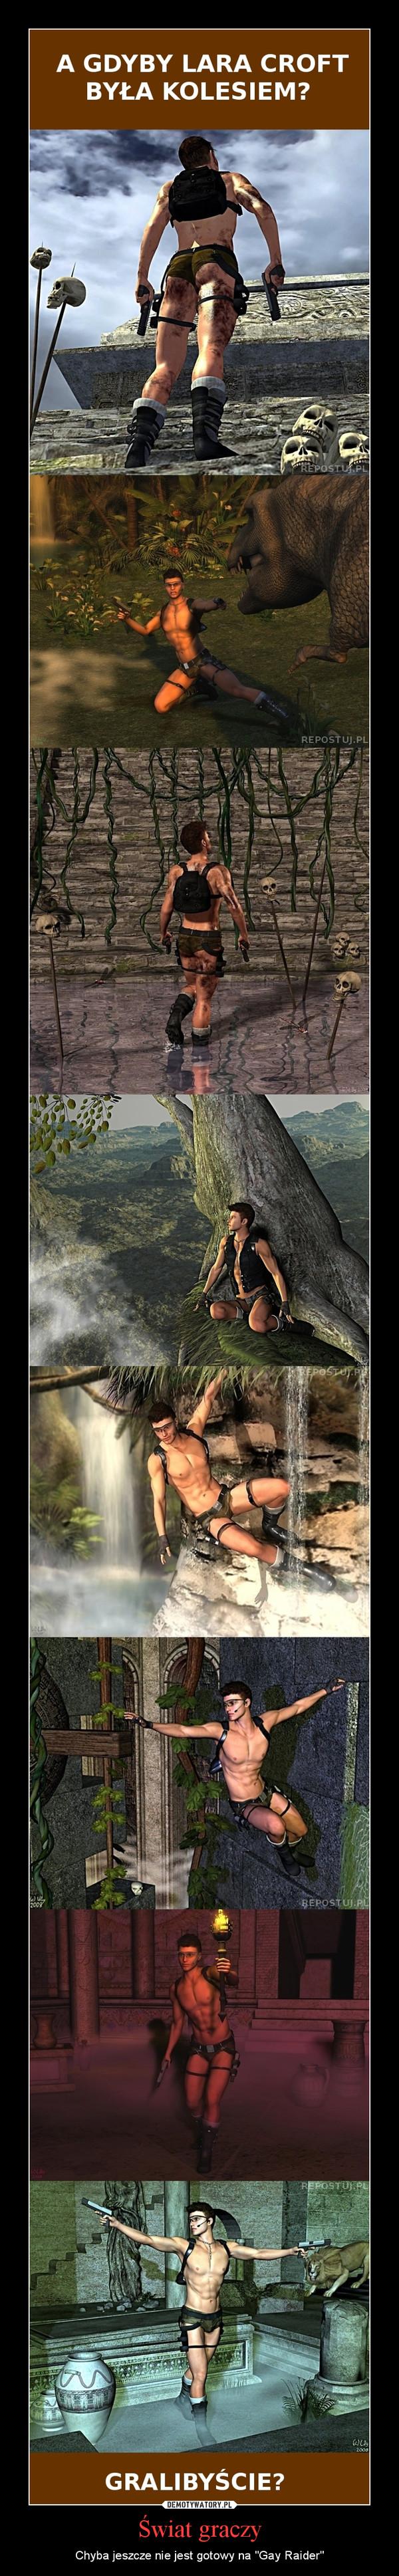 """Świat graczy – Chyba jeszcze nie jest gotowy na """"Gay Raider"""""""